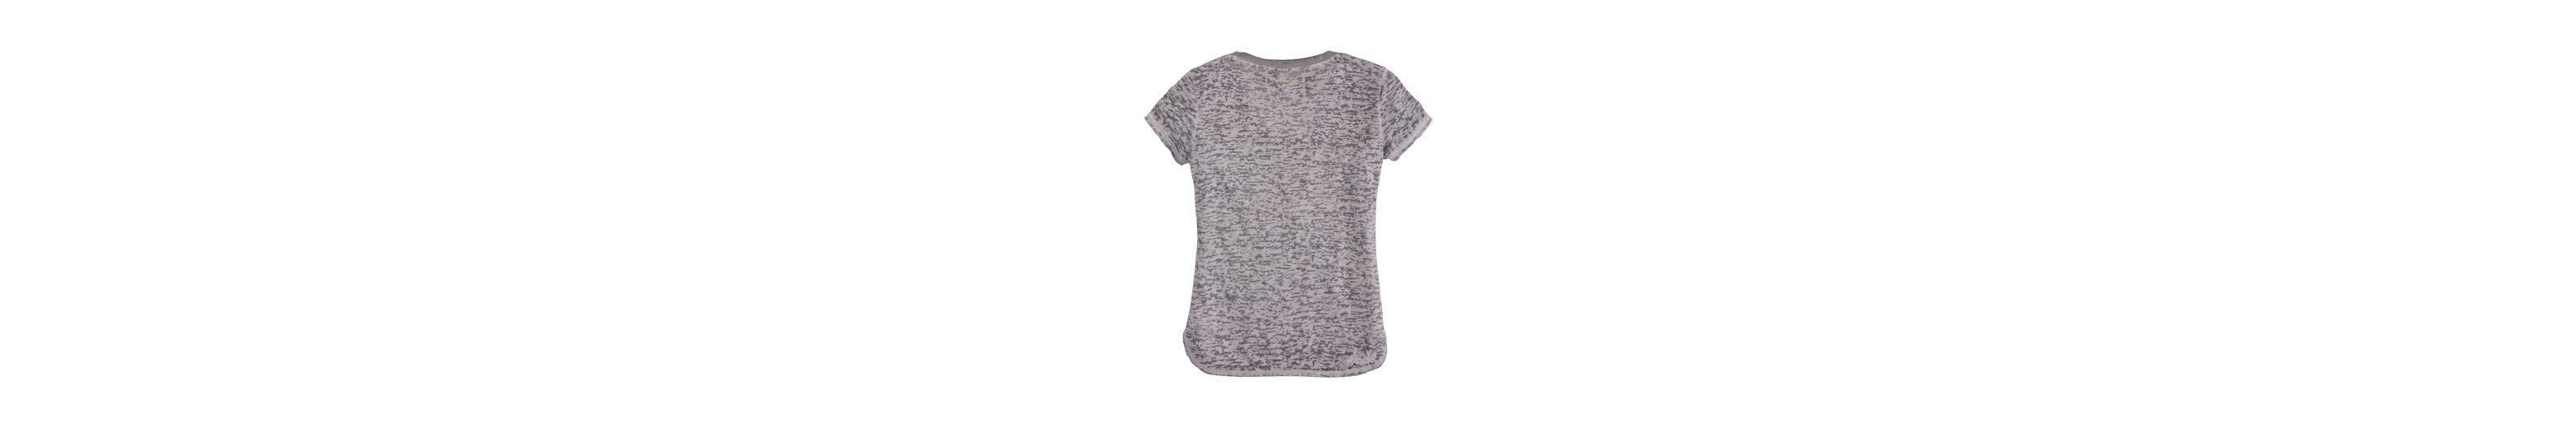 Marjo Trachtenshirt Damen in taillierter Form Große Diskont Günstiger Preis Neue Stile Günstiger Preis ZojIVRK7